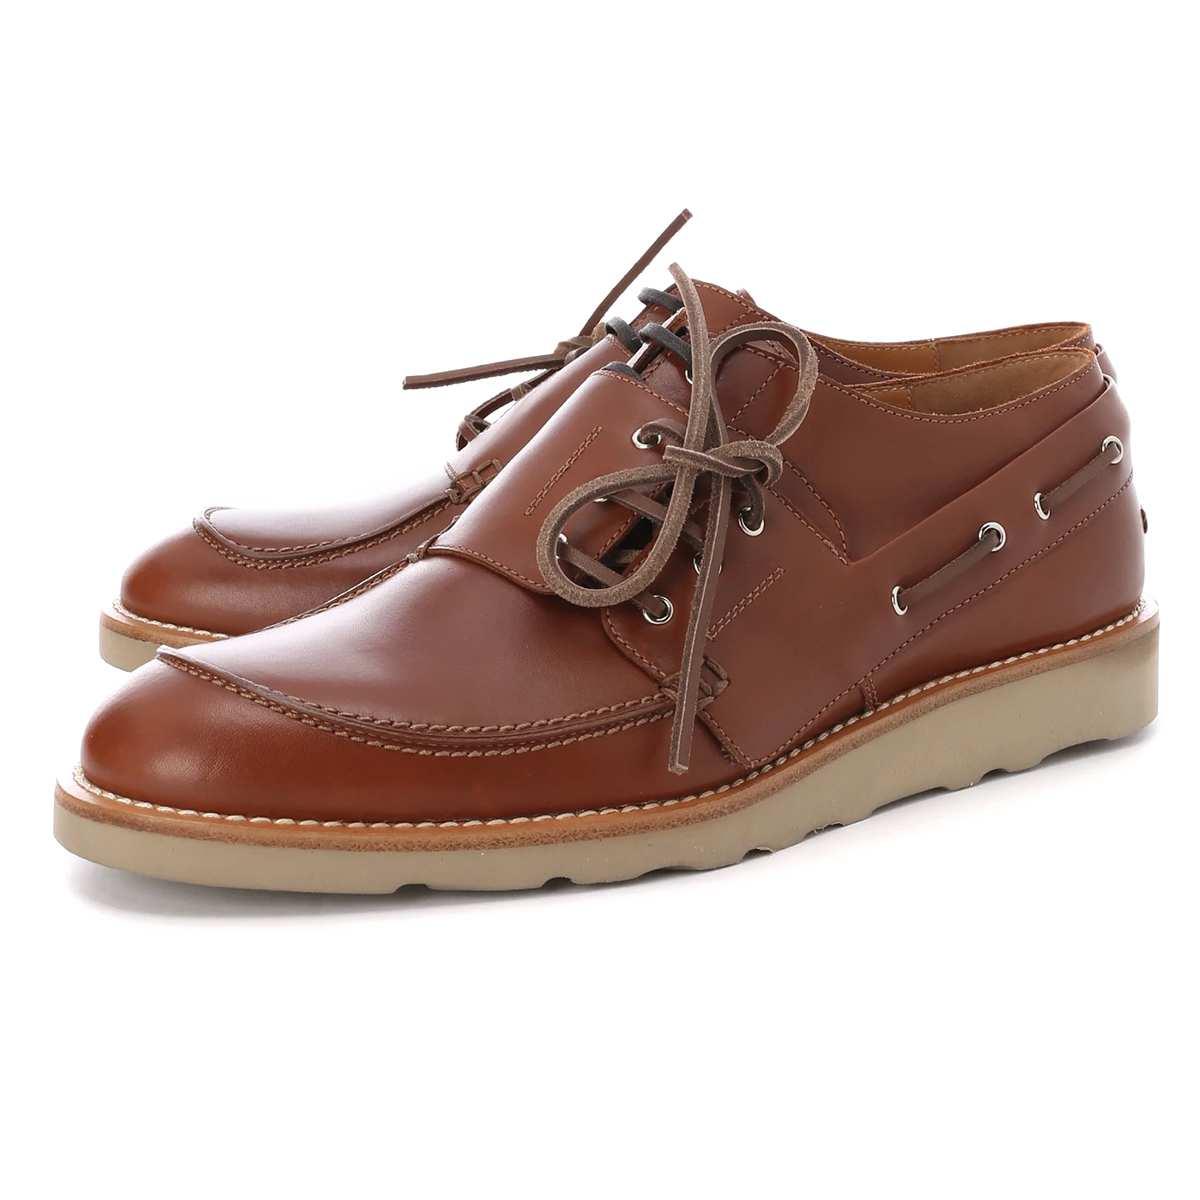 メゾンマルジェラ Maison Margiela レースアップシューズ 革靴 ブラウン メンズ レザーシューズ 大きいサイズあり s37wq0267 p3292 h4200 Stringate Spliced in pelle【あす楽対応_関東】【返品送料無料】【ラッピング無料】